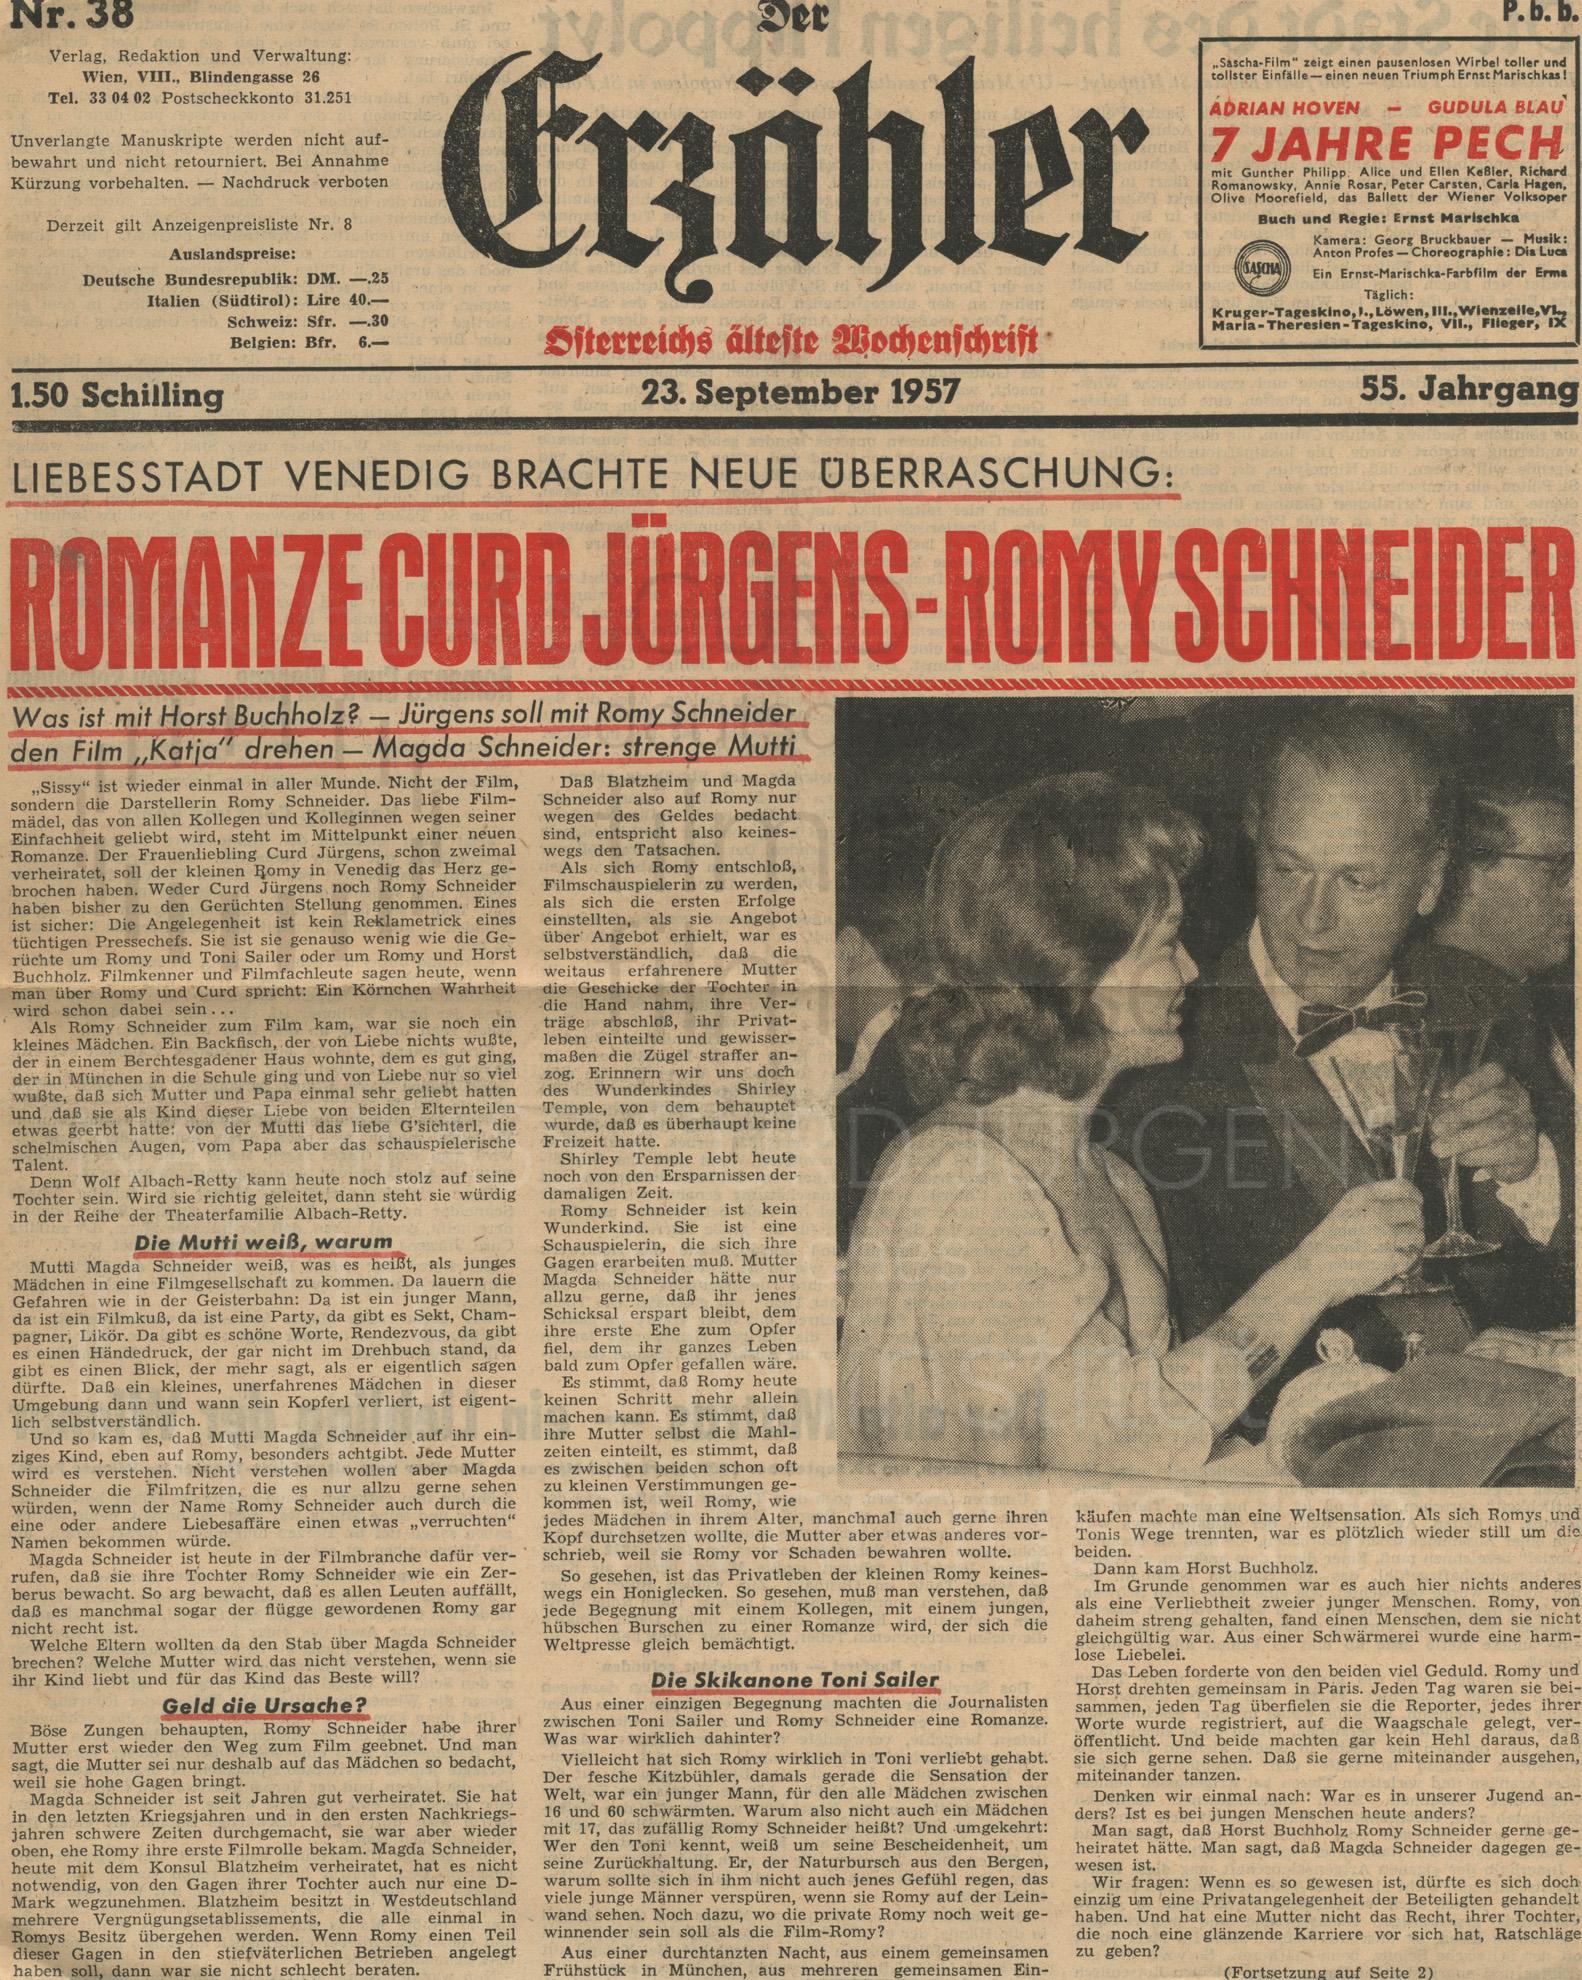 """Der Erzähler: """"Romanze Curd Jürgens - Romy Schneider"""", 23.9.1957"""